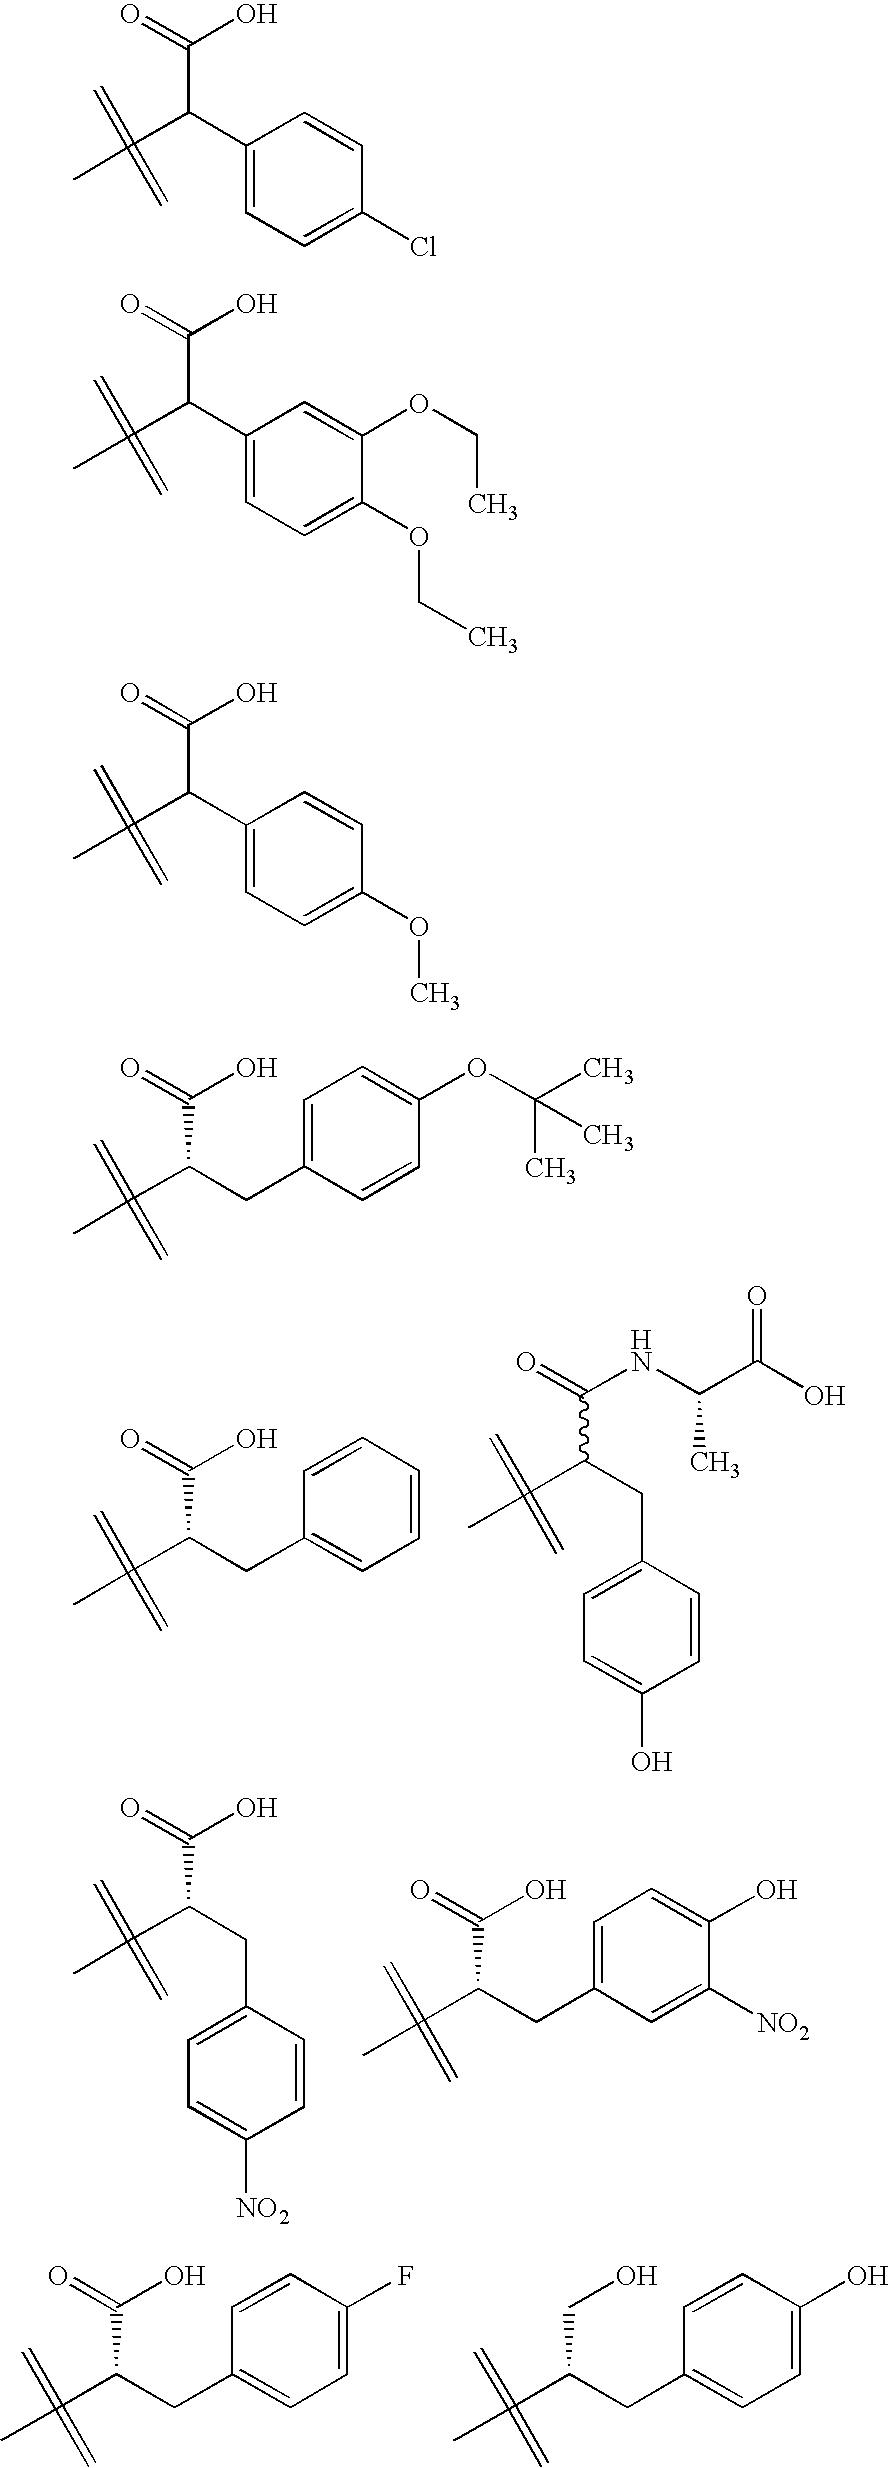 Figure US20070049593A1-20070301-C00089